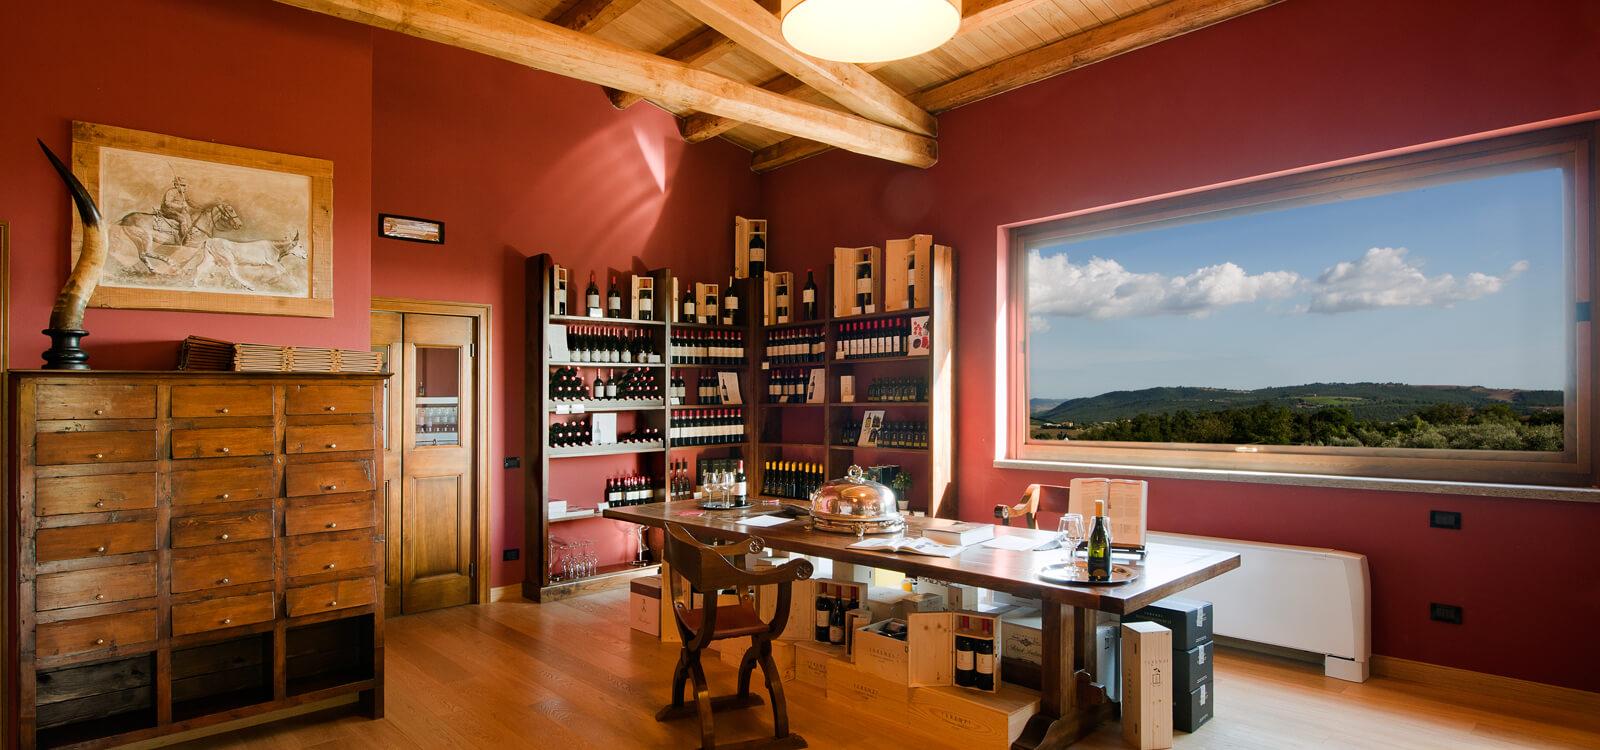 degustazione-vini-scansano-locanda-terenzi-viticolori